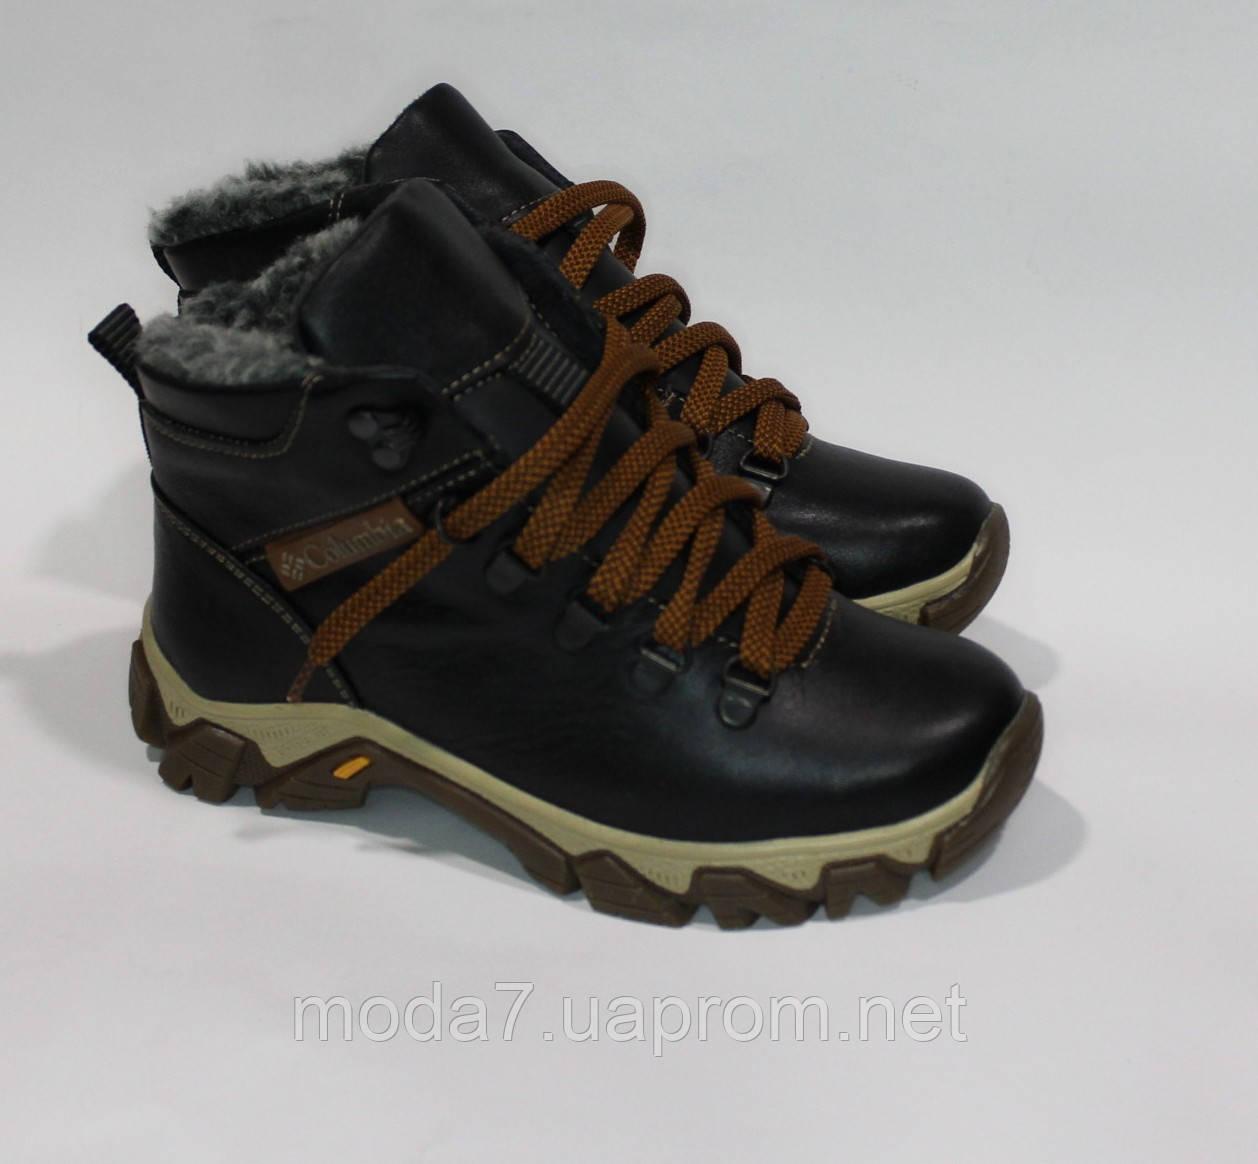 9e04648bf Детские подростковые зимние ботинки Columbia - Интернет-Магазин